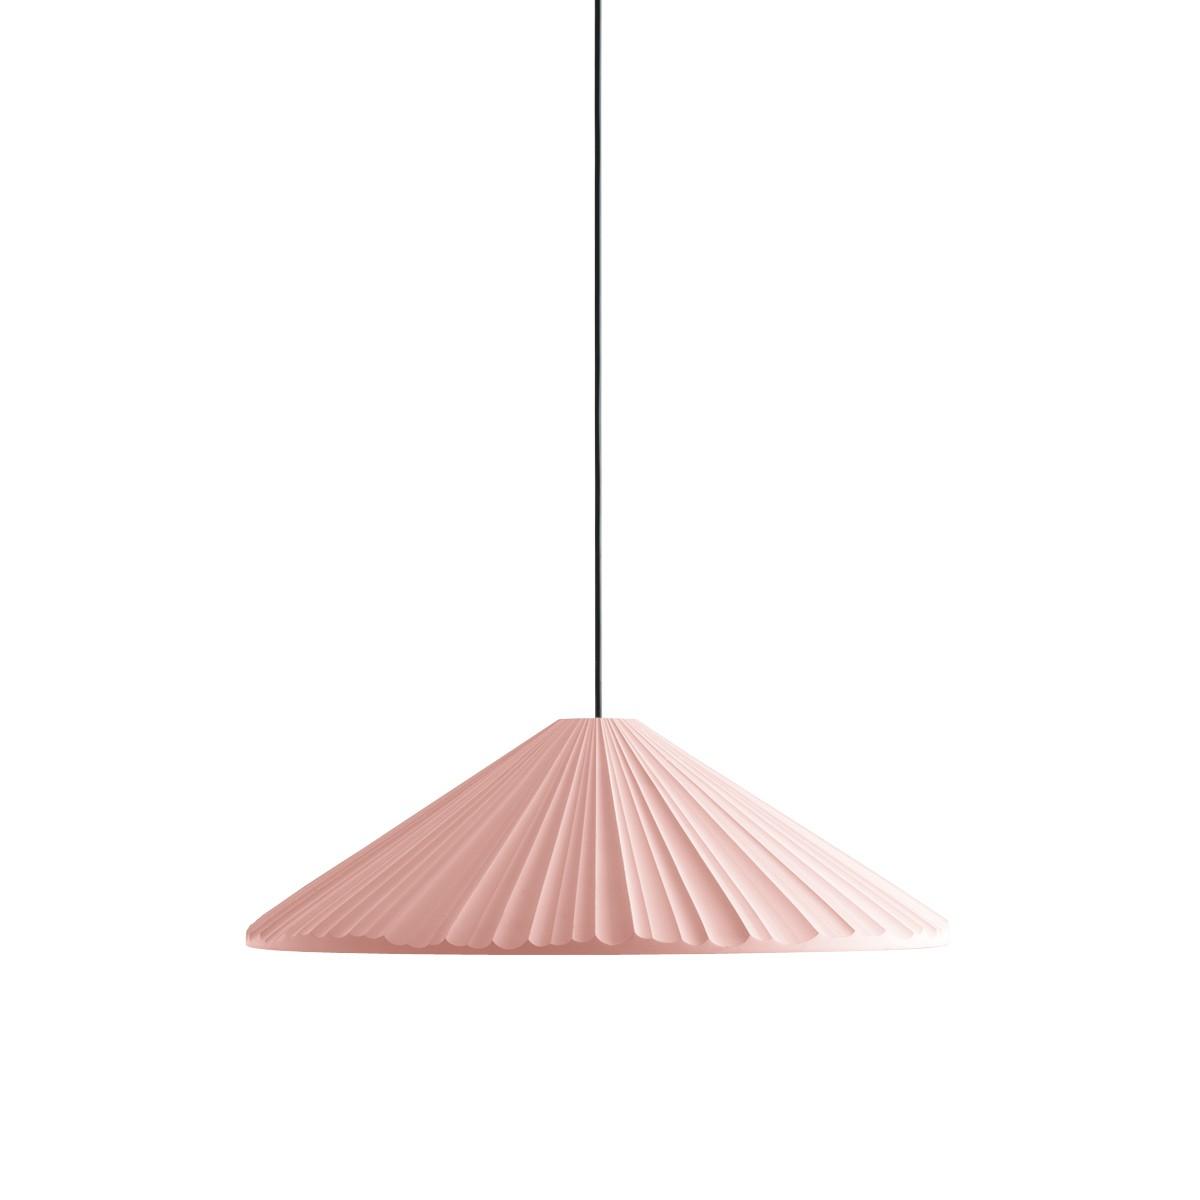 Pu-Ehr Lámpara colgante 42 LED 7,8W Rosa -Blanco